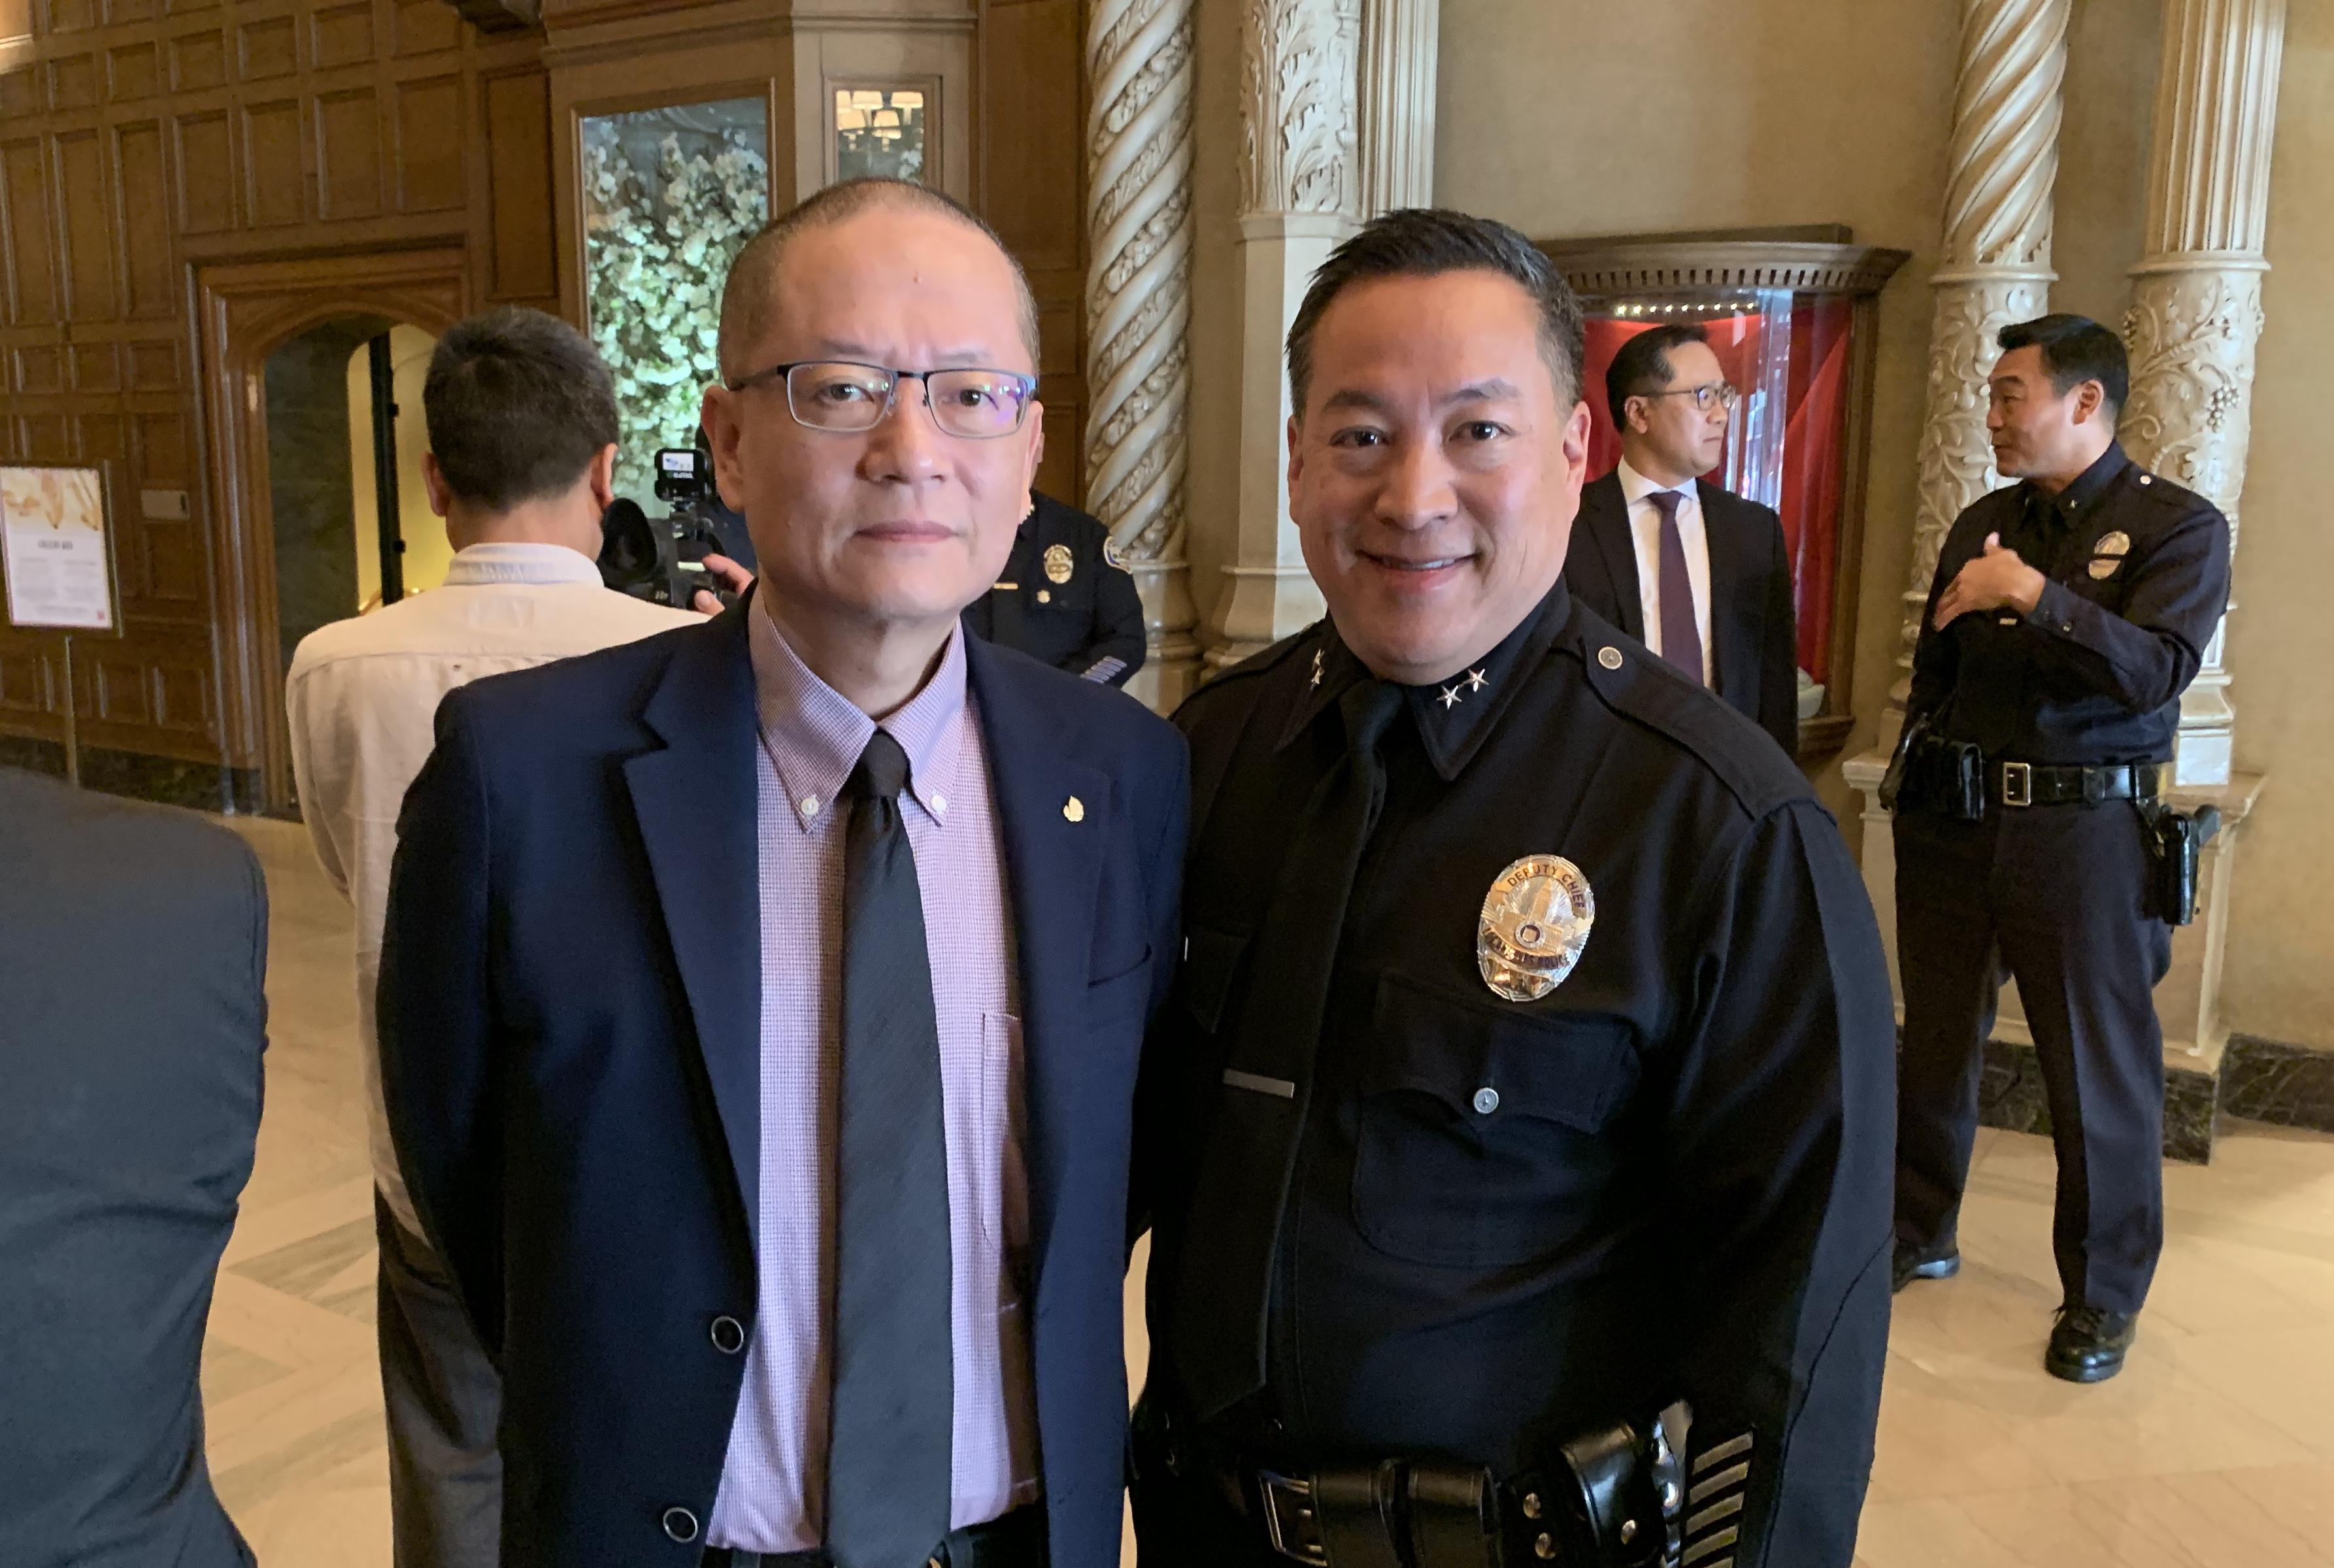 星島日報總經理余寧(左)向洛杉磯市警局副局長周寶來道賀。